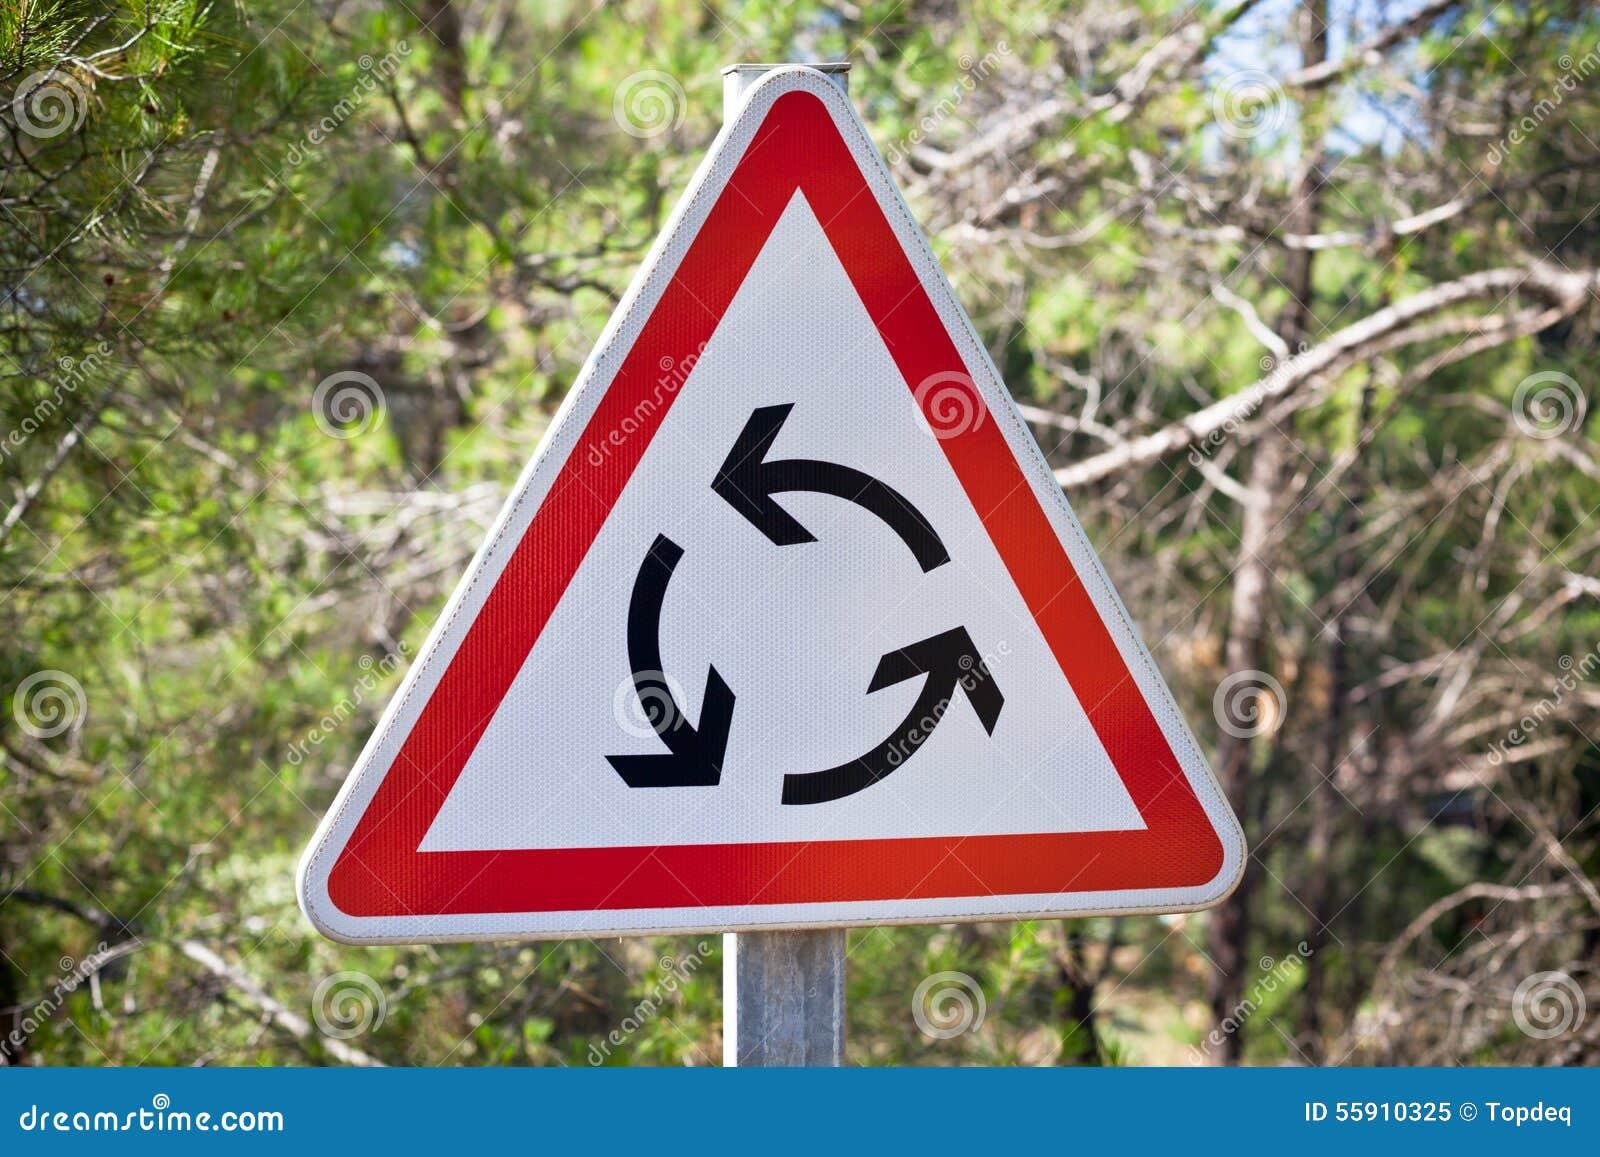 Segnale stradale della rotonda